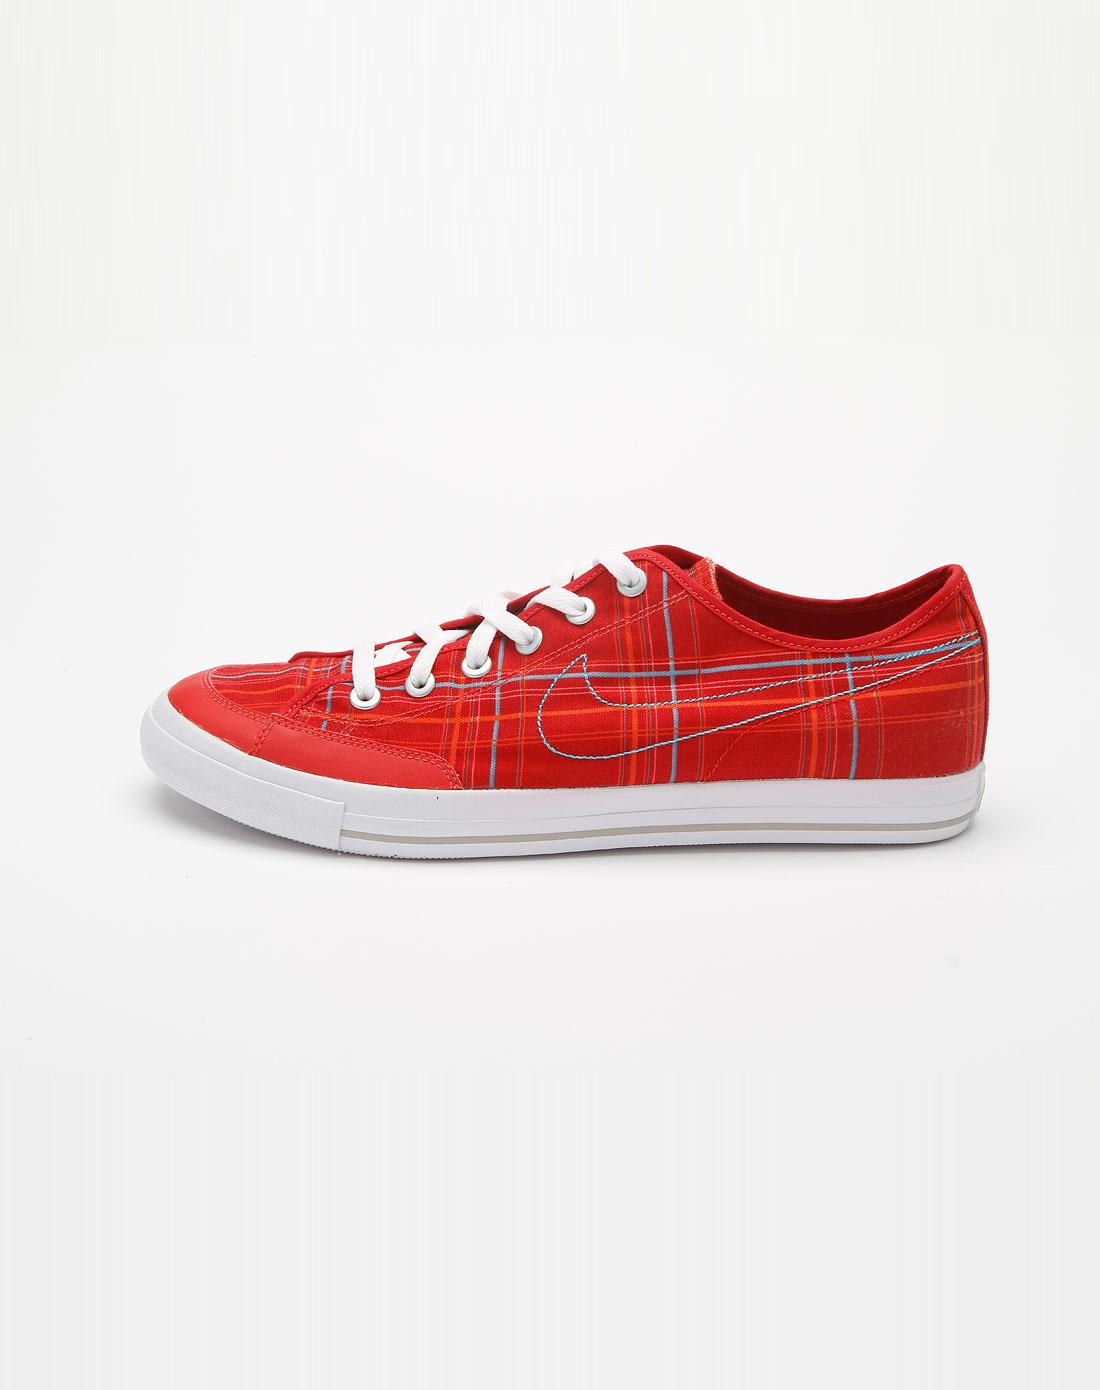 耐克nike红色格子时尚帆布鞋